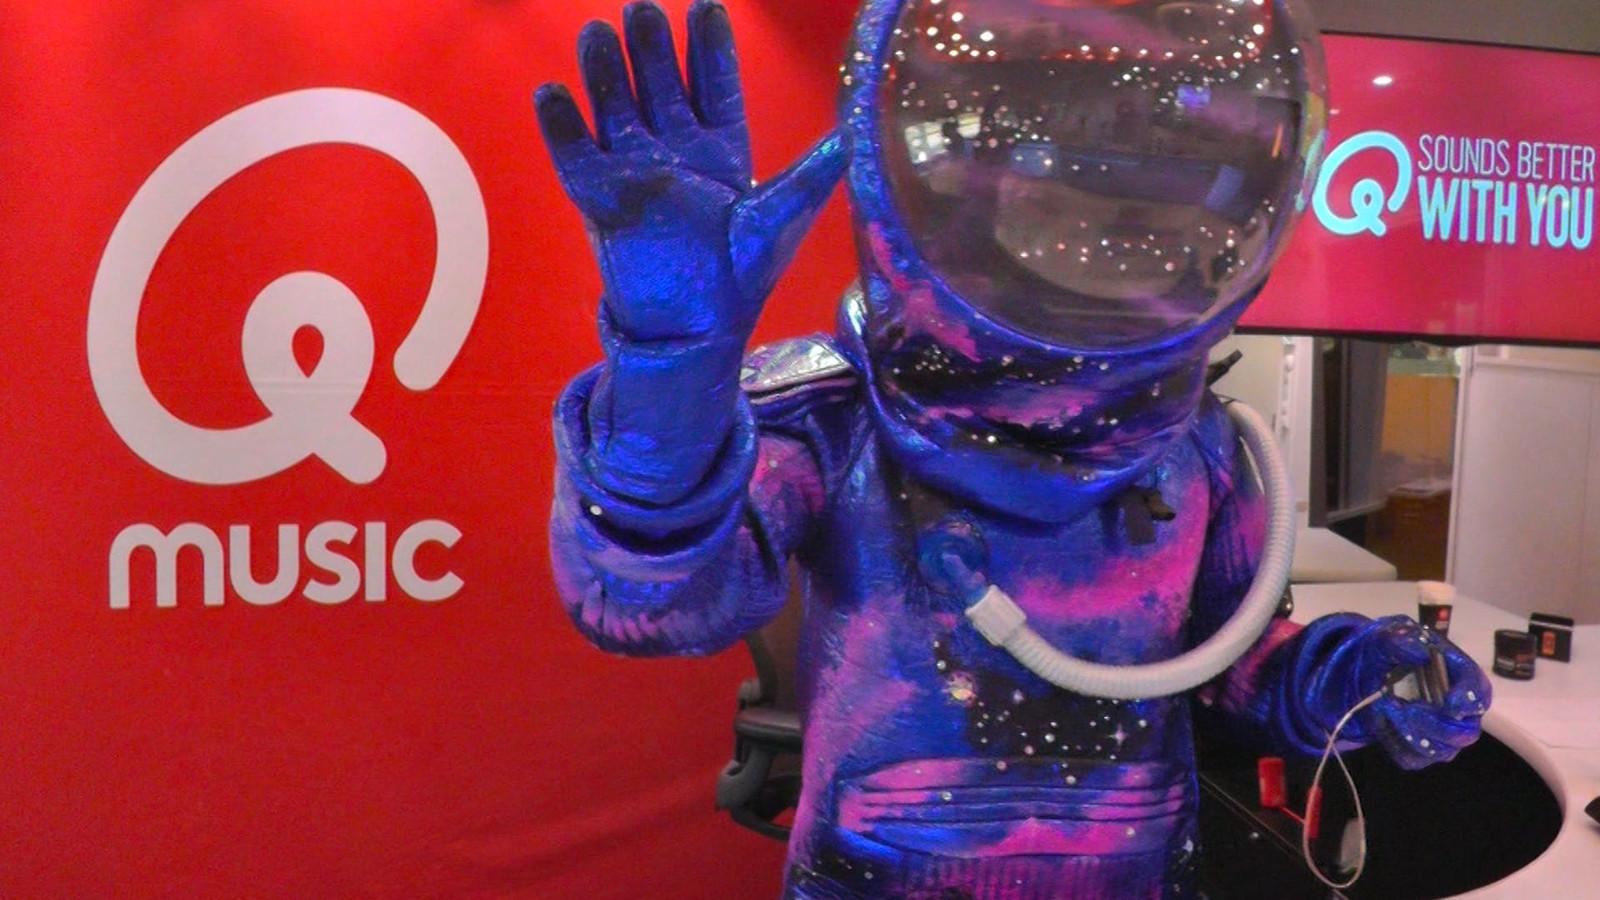 De astronaut in de studio van Qmusic.